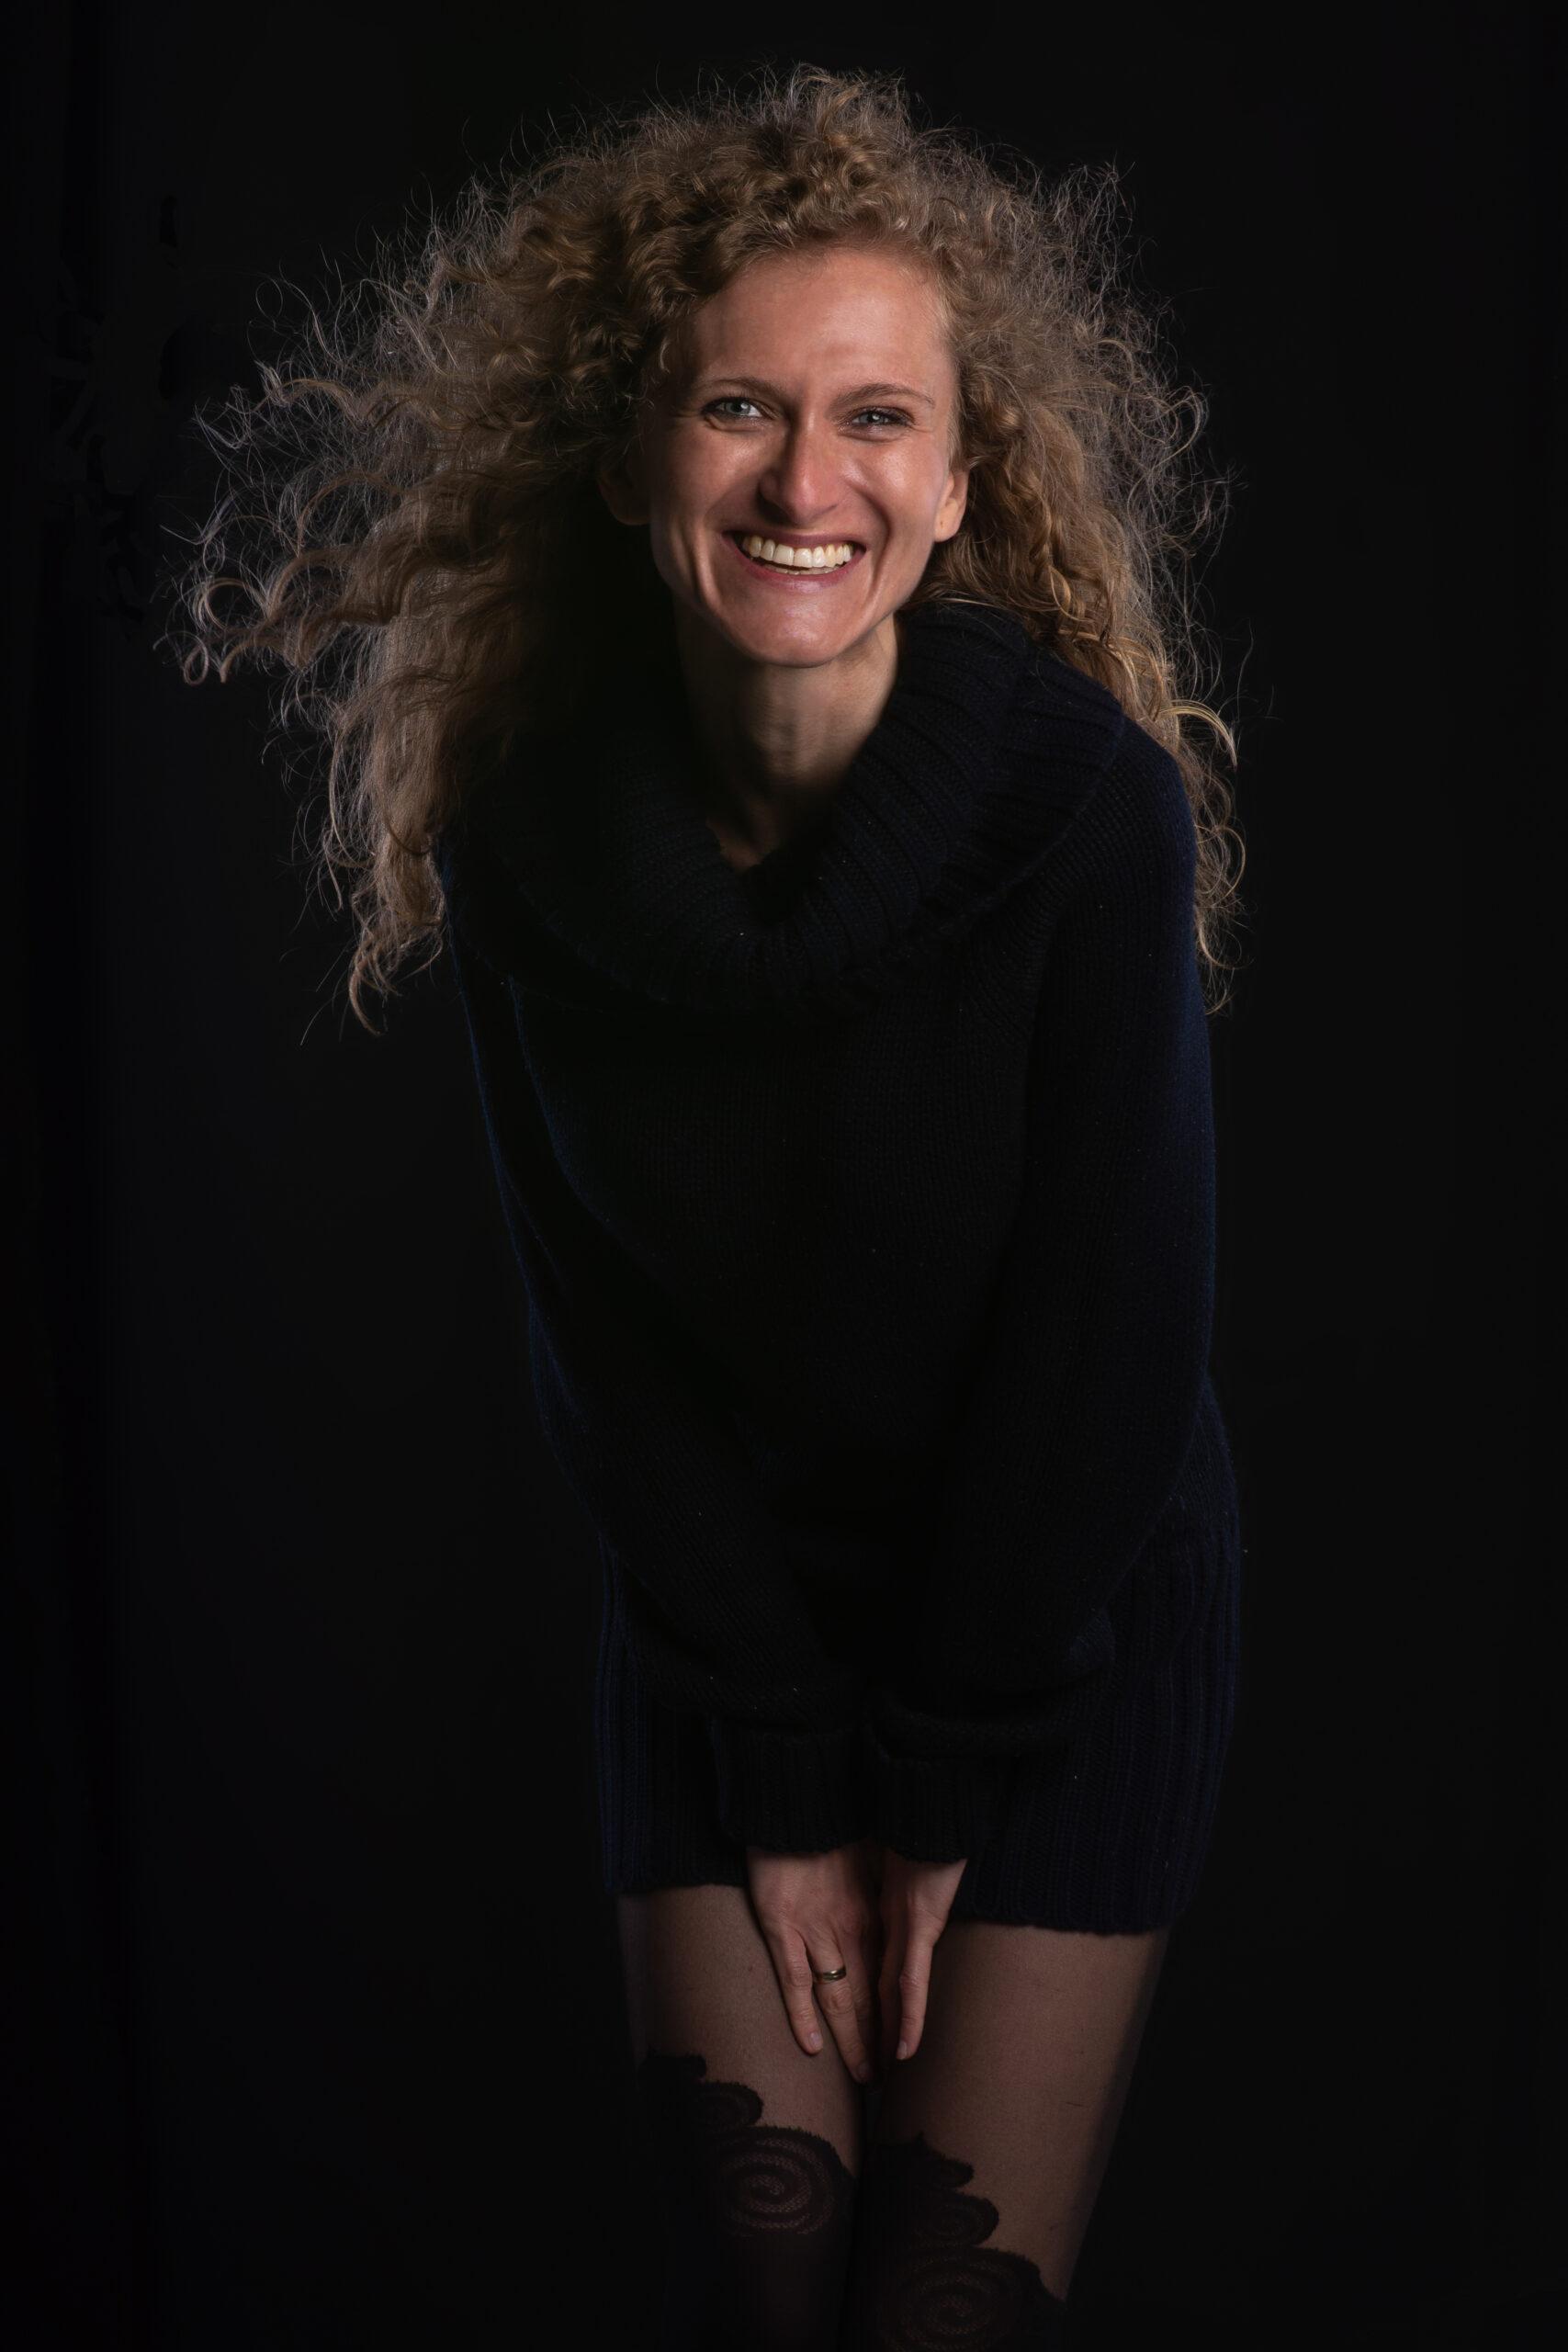 Sesja Ania - Poli Ann